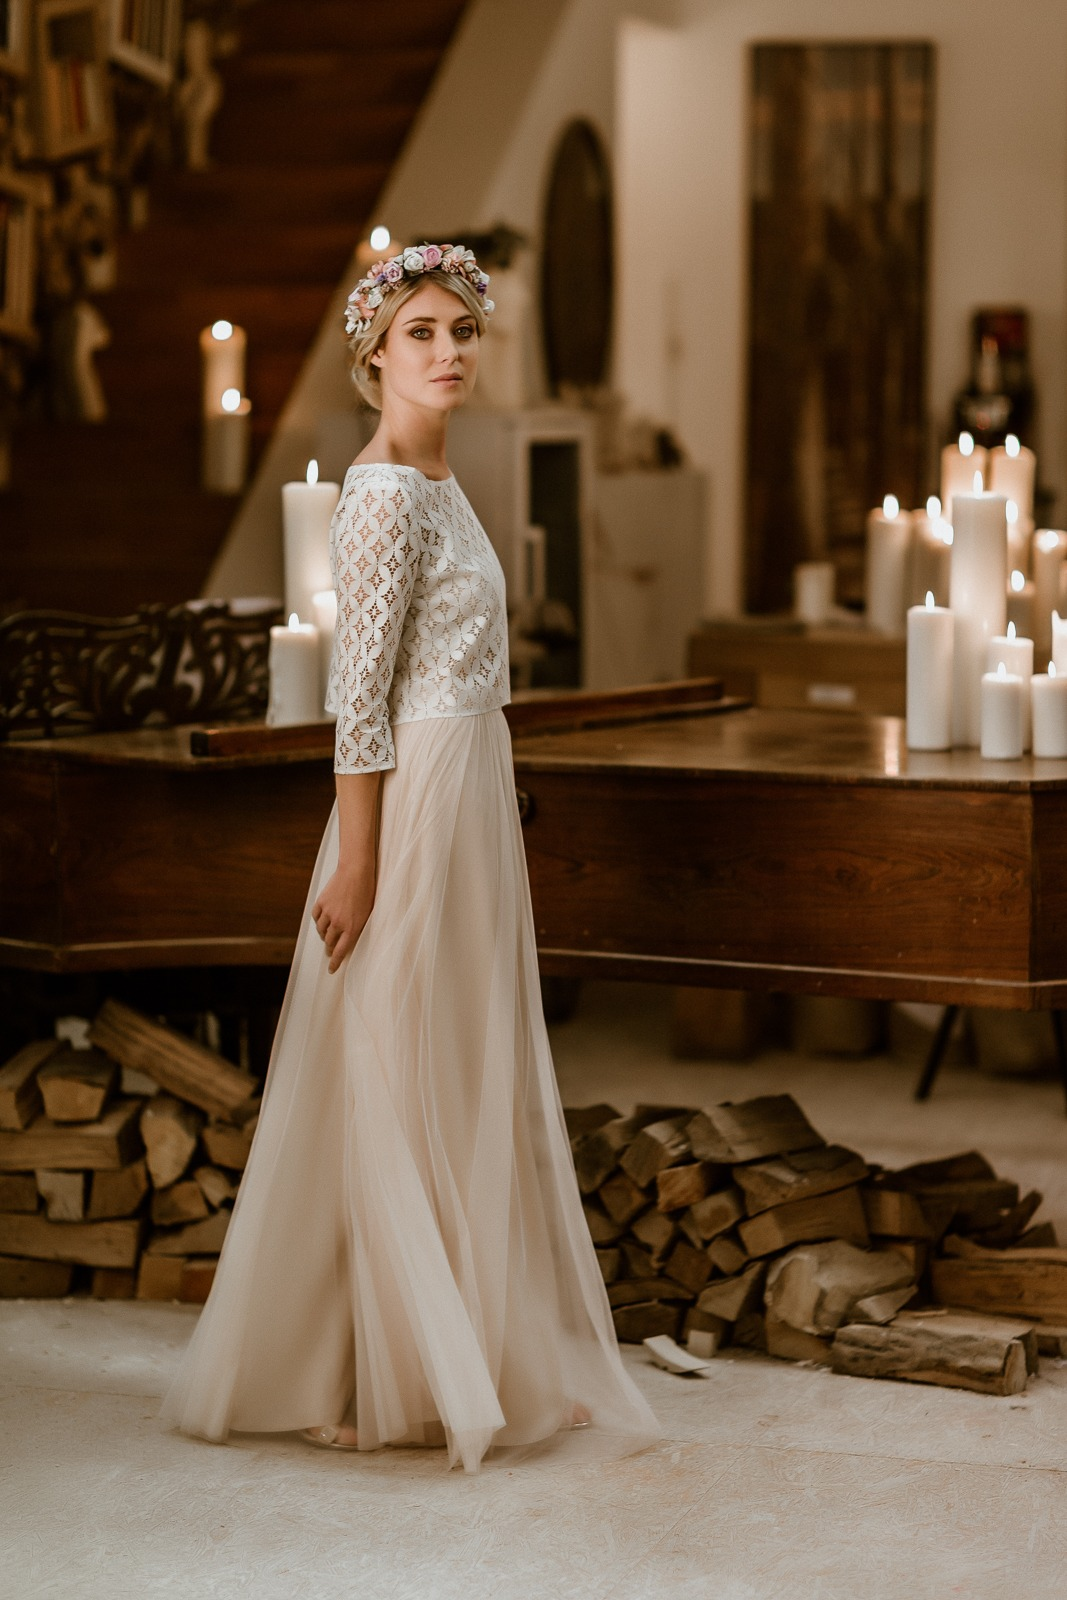 noni Jubiläumskollektion | langes Brautkleid mit Tüllrock in Puderrosa und Spitzentop, Ganzkörper-/Seitenansicht (Foto: Le Hai Linh)